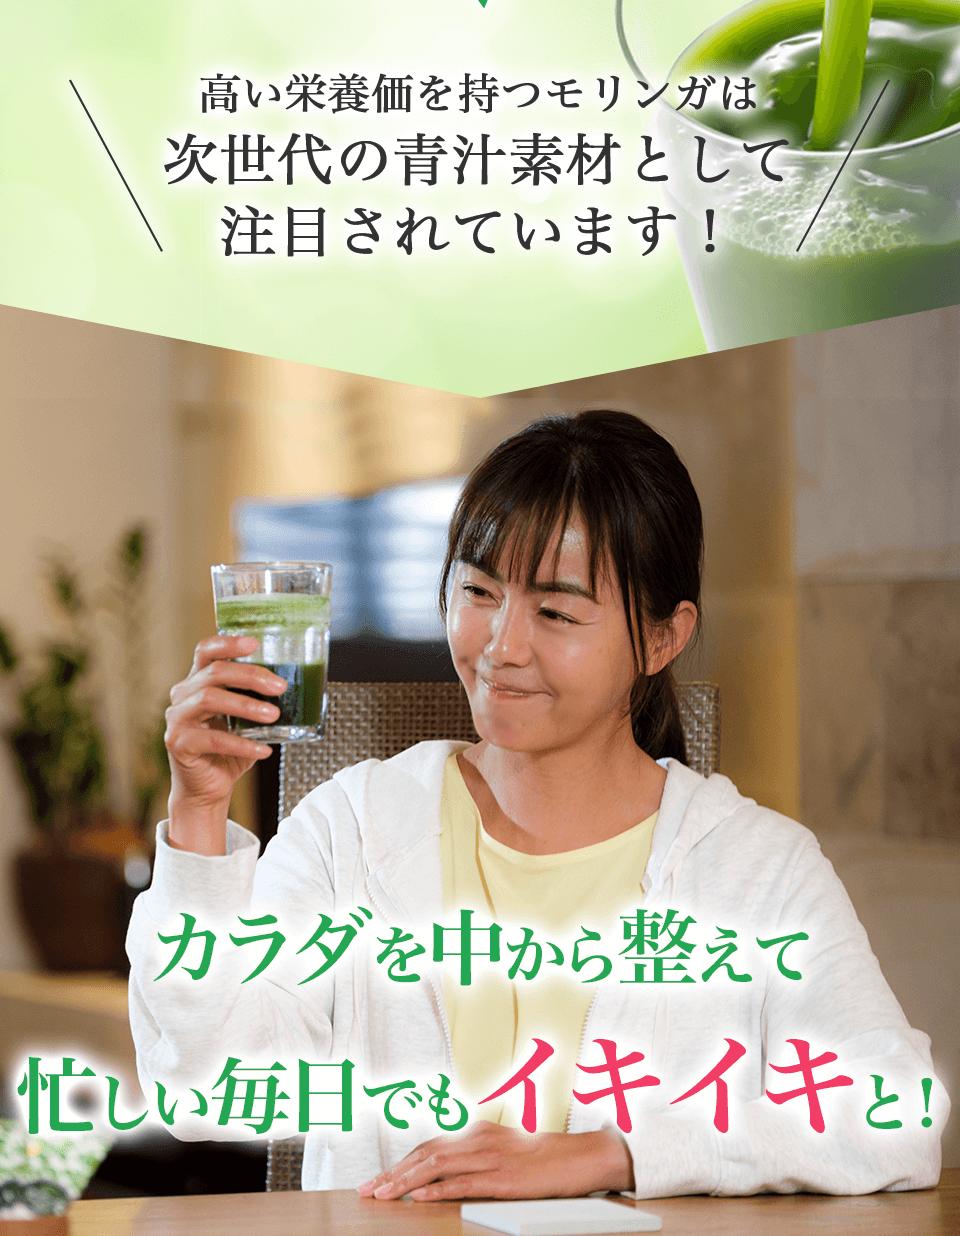 高い栄養価を持つモリンガは、次世代の青汁素材として注目されています